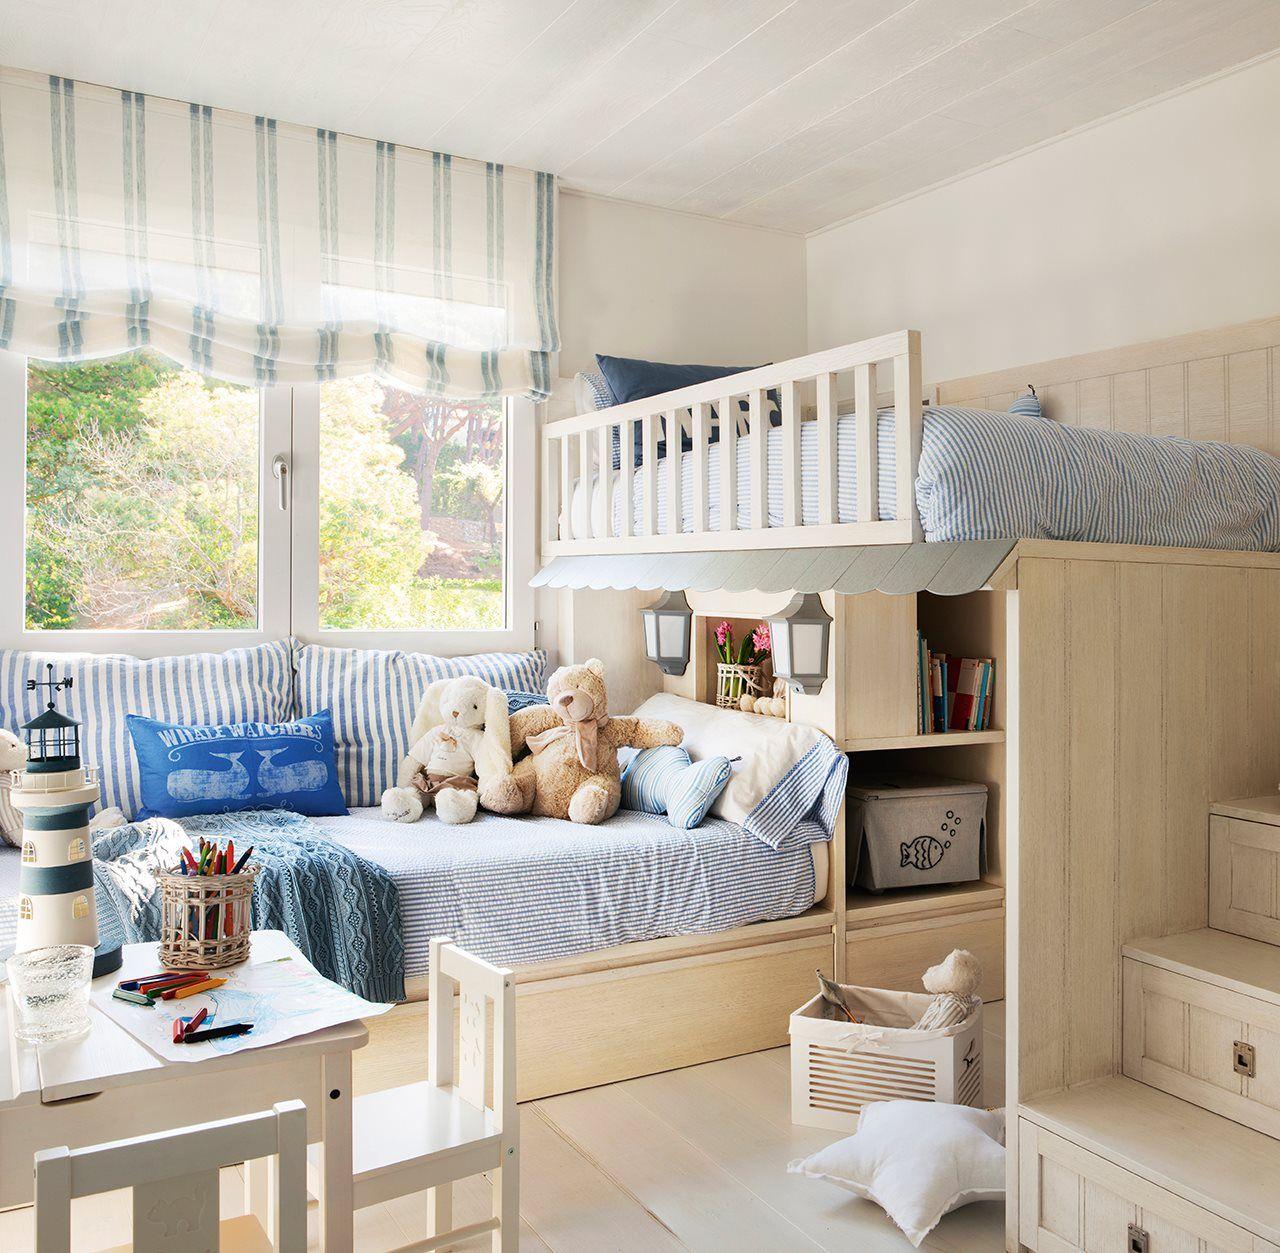 Dormitorio infantil litera con casita y escalera de - Dormitorio infantil literas ...